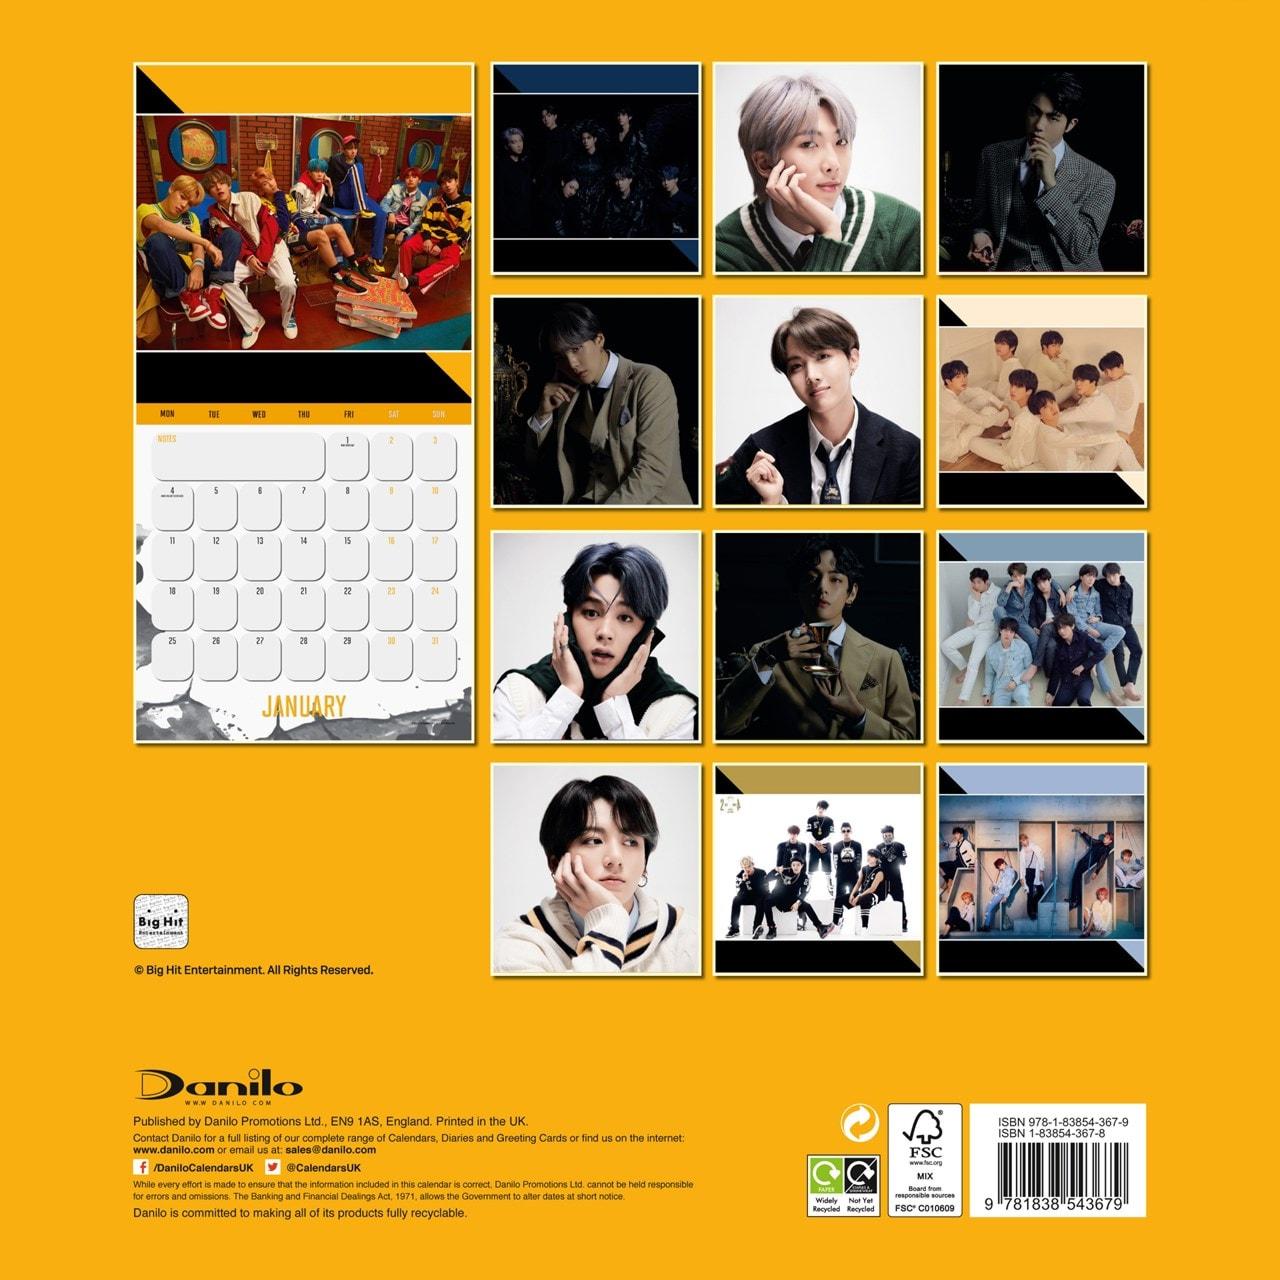 BTS: Square 2021 Calendar - 3